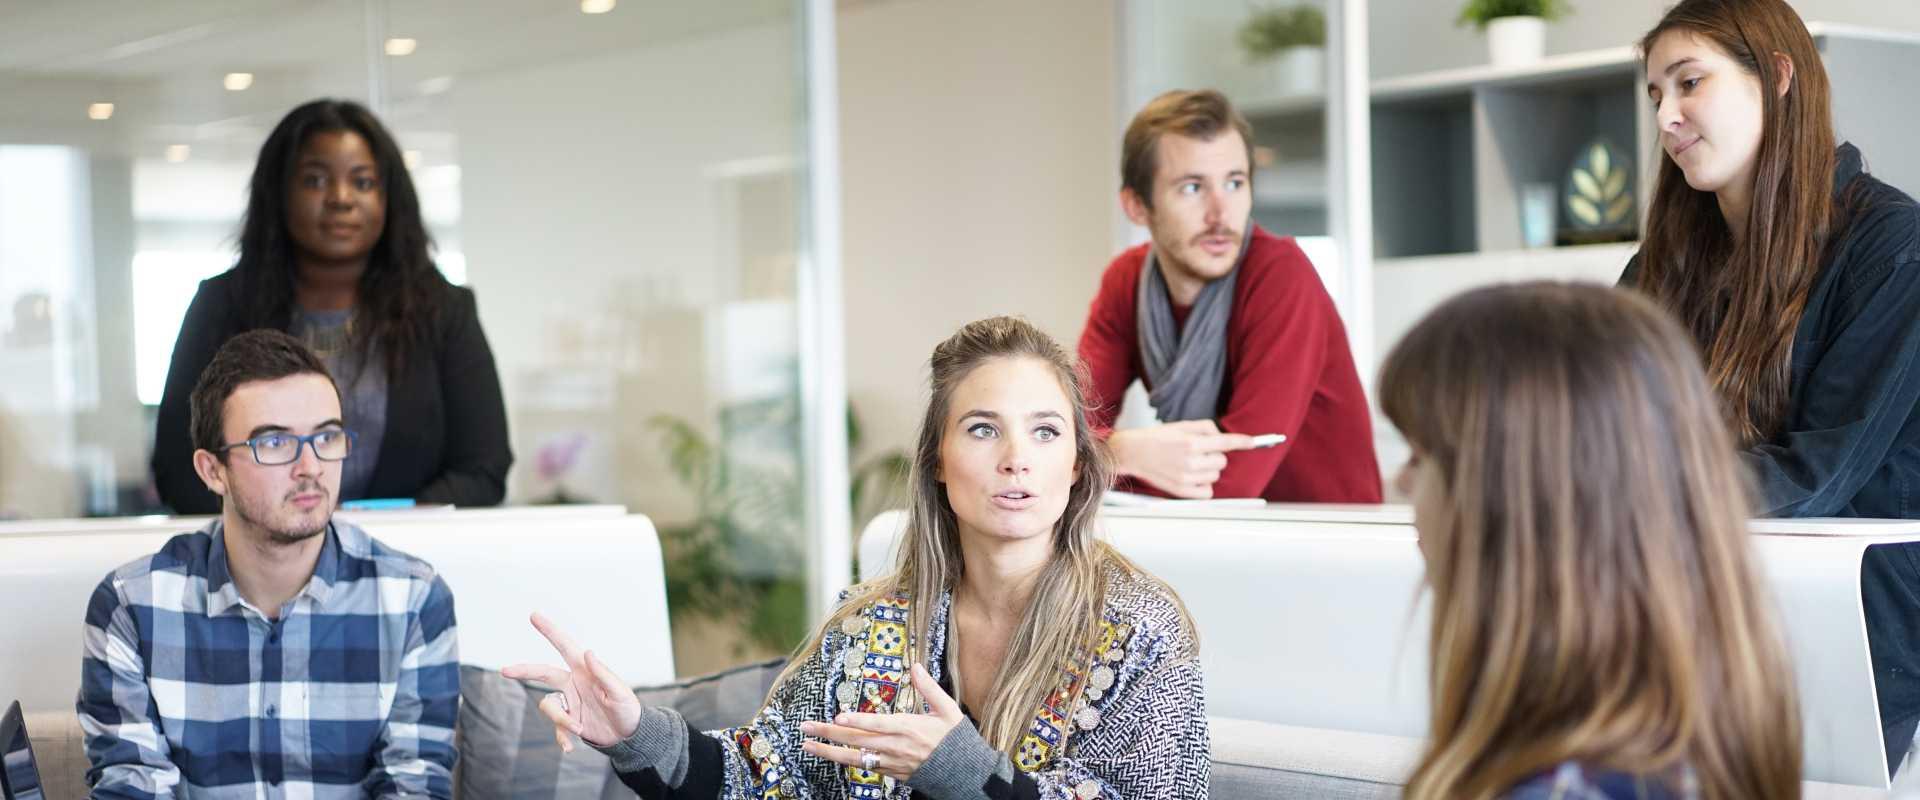 Tipps für erfolgreiche Besprechungen